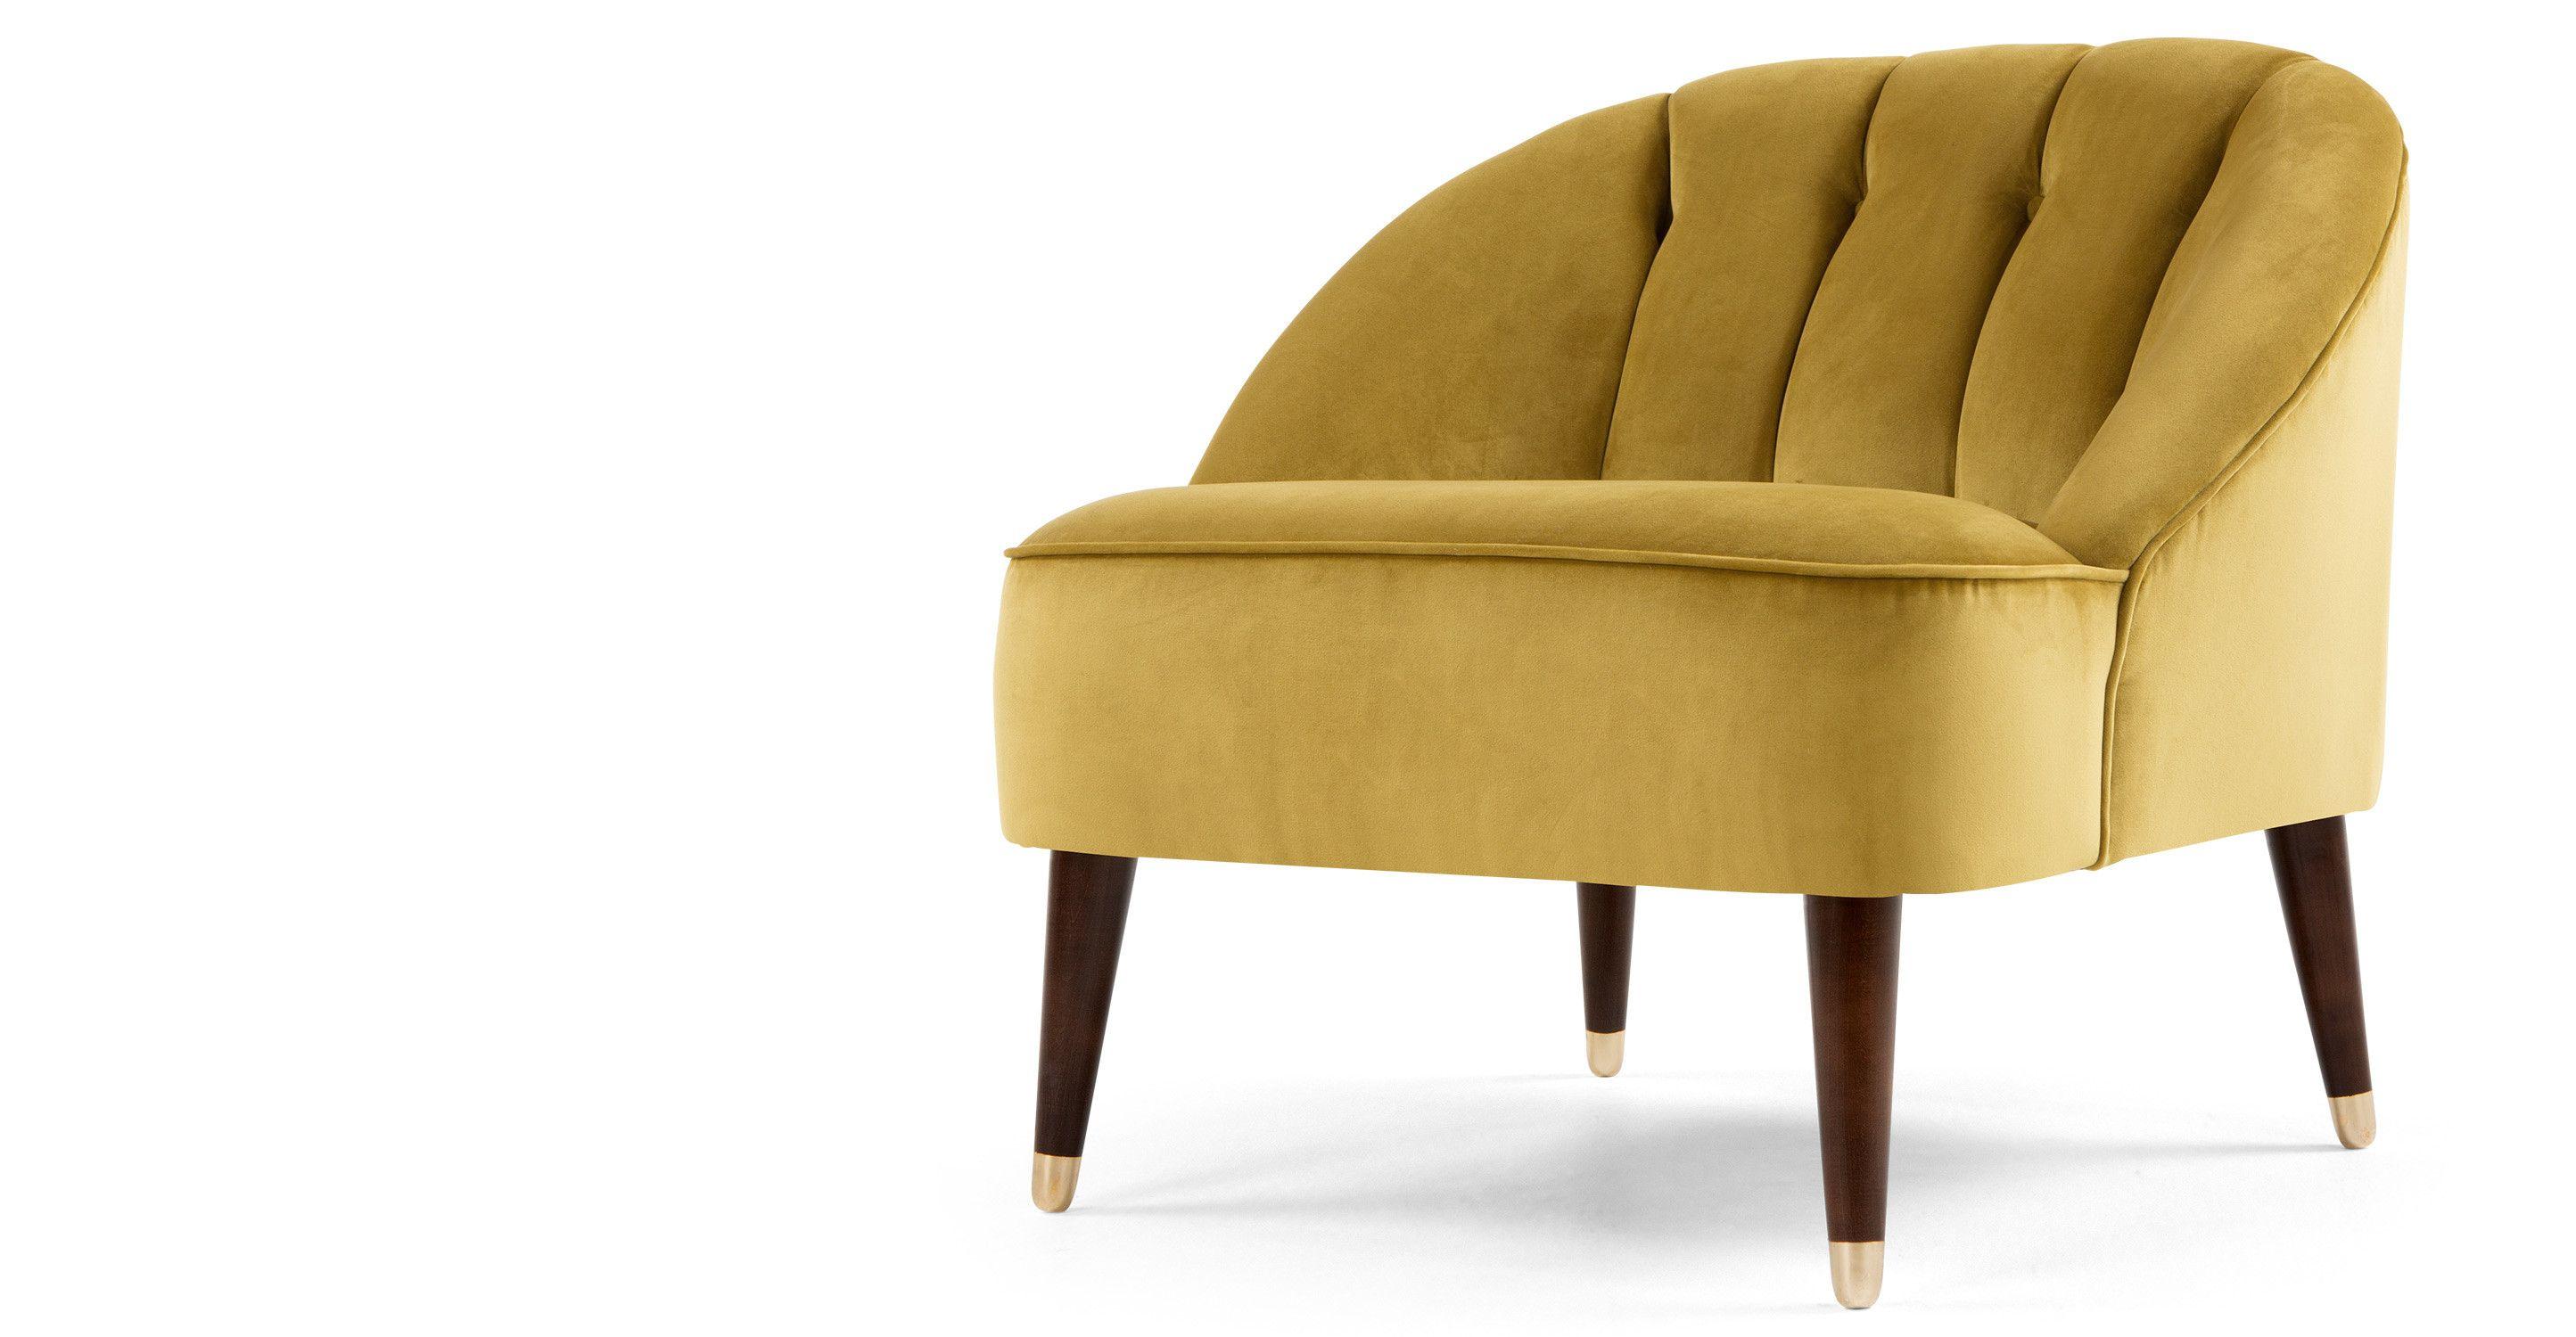 Margot fauteuil antiekgoud fluweel made Home